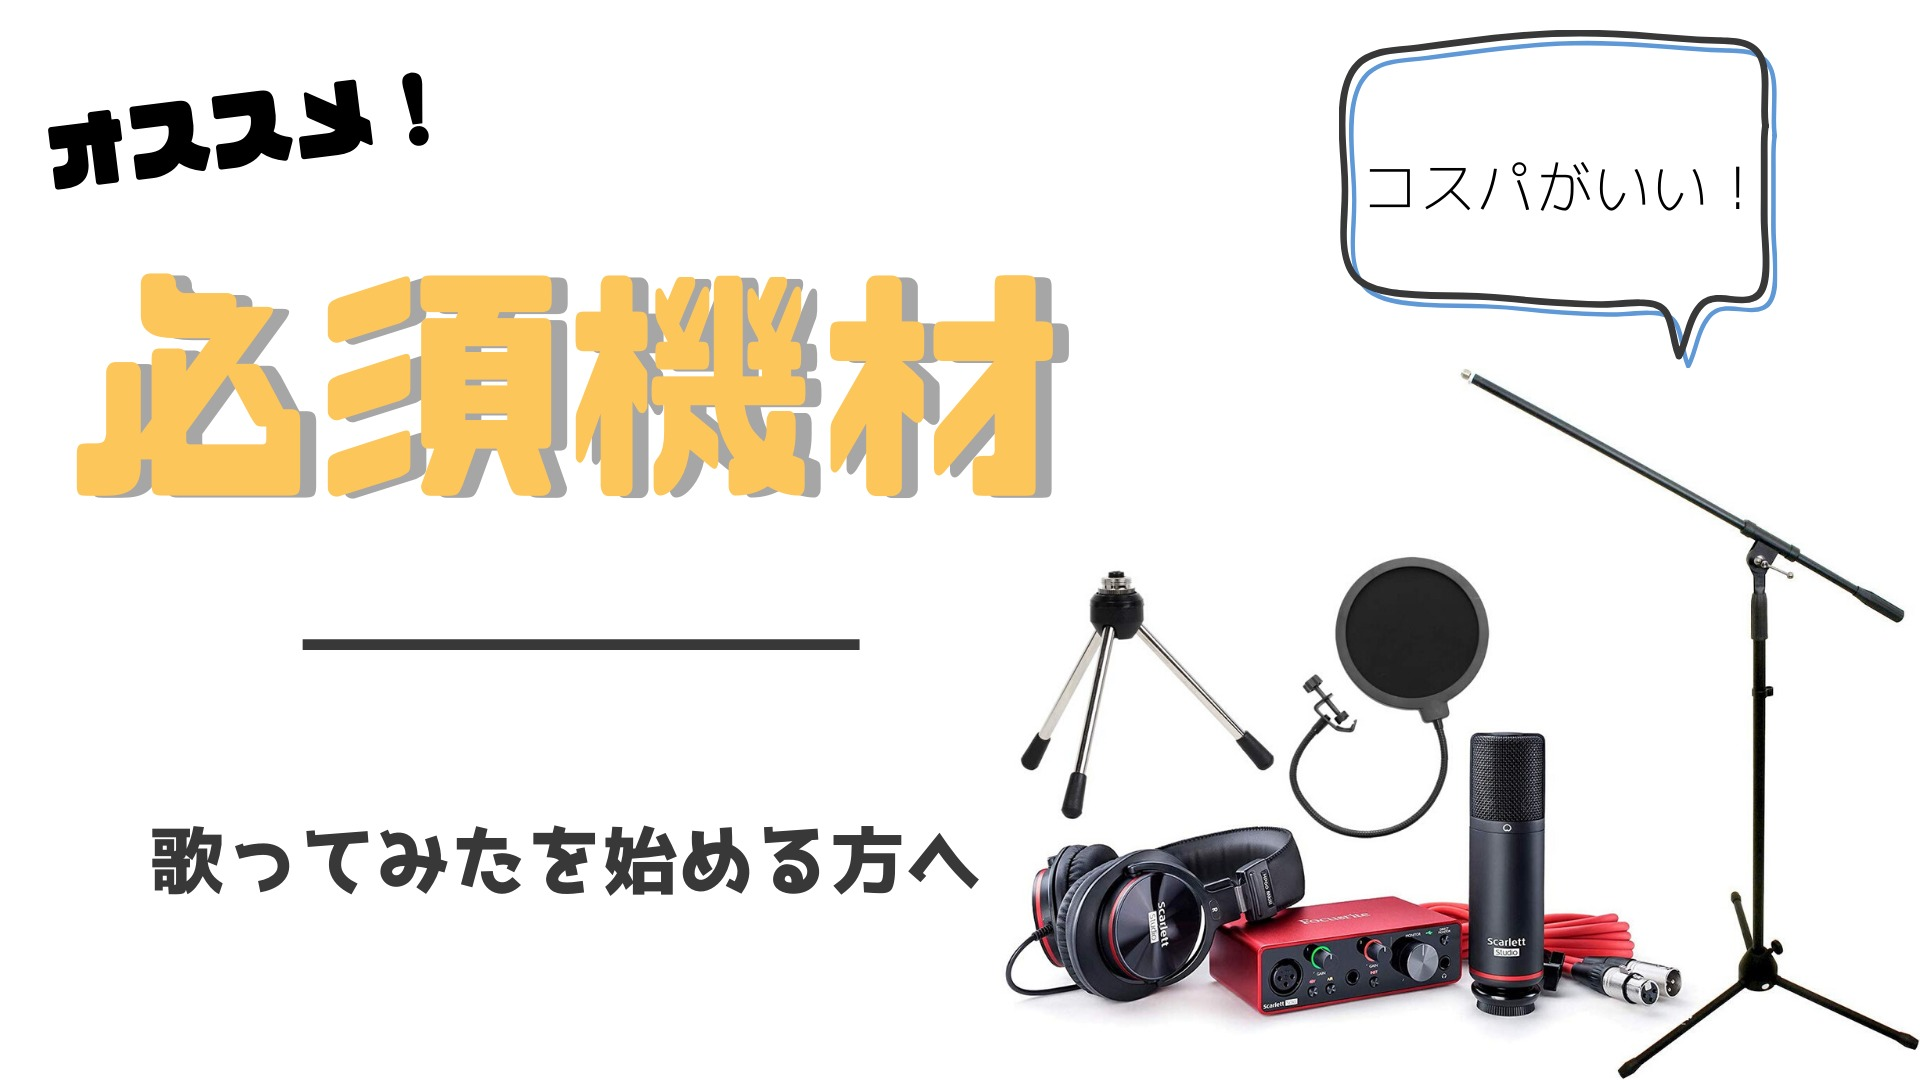 【2020年最新版】 高コスパおすすめ必須機材10選で歌ってみたに挑戦!